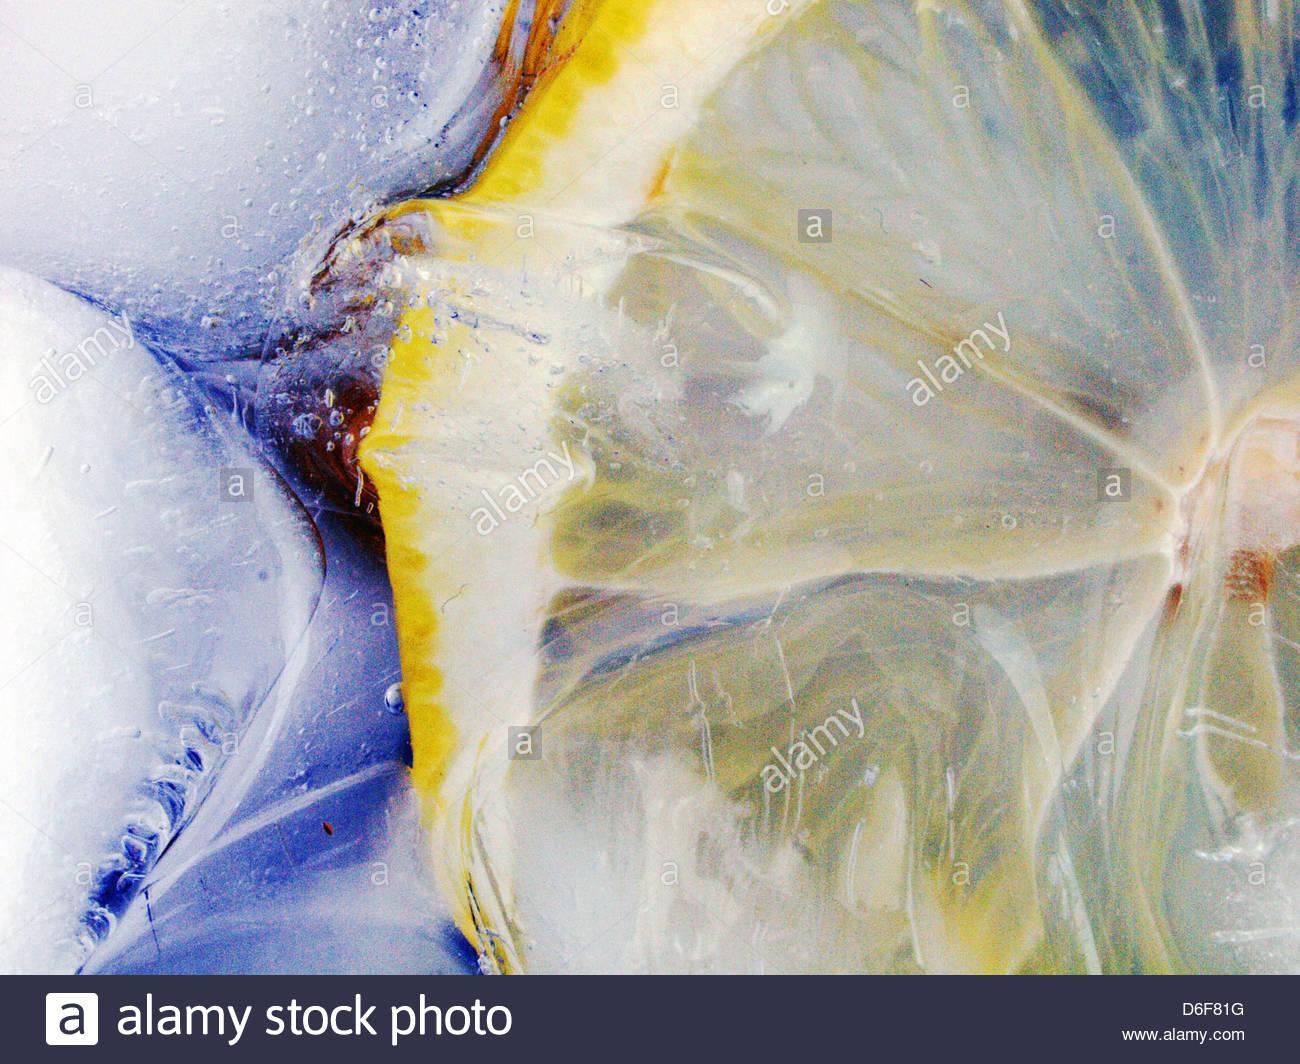 Lemon in ice - Stock Image